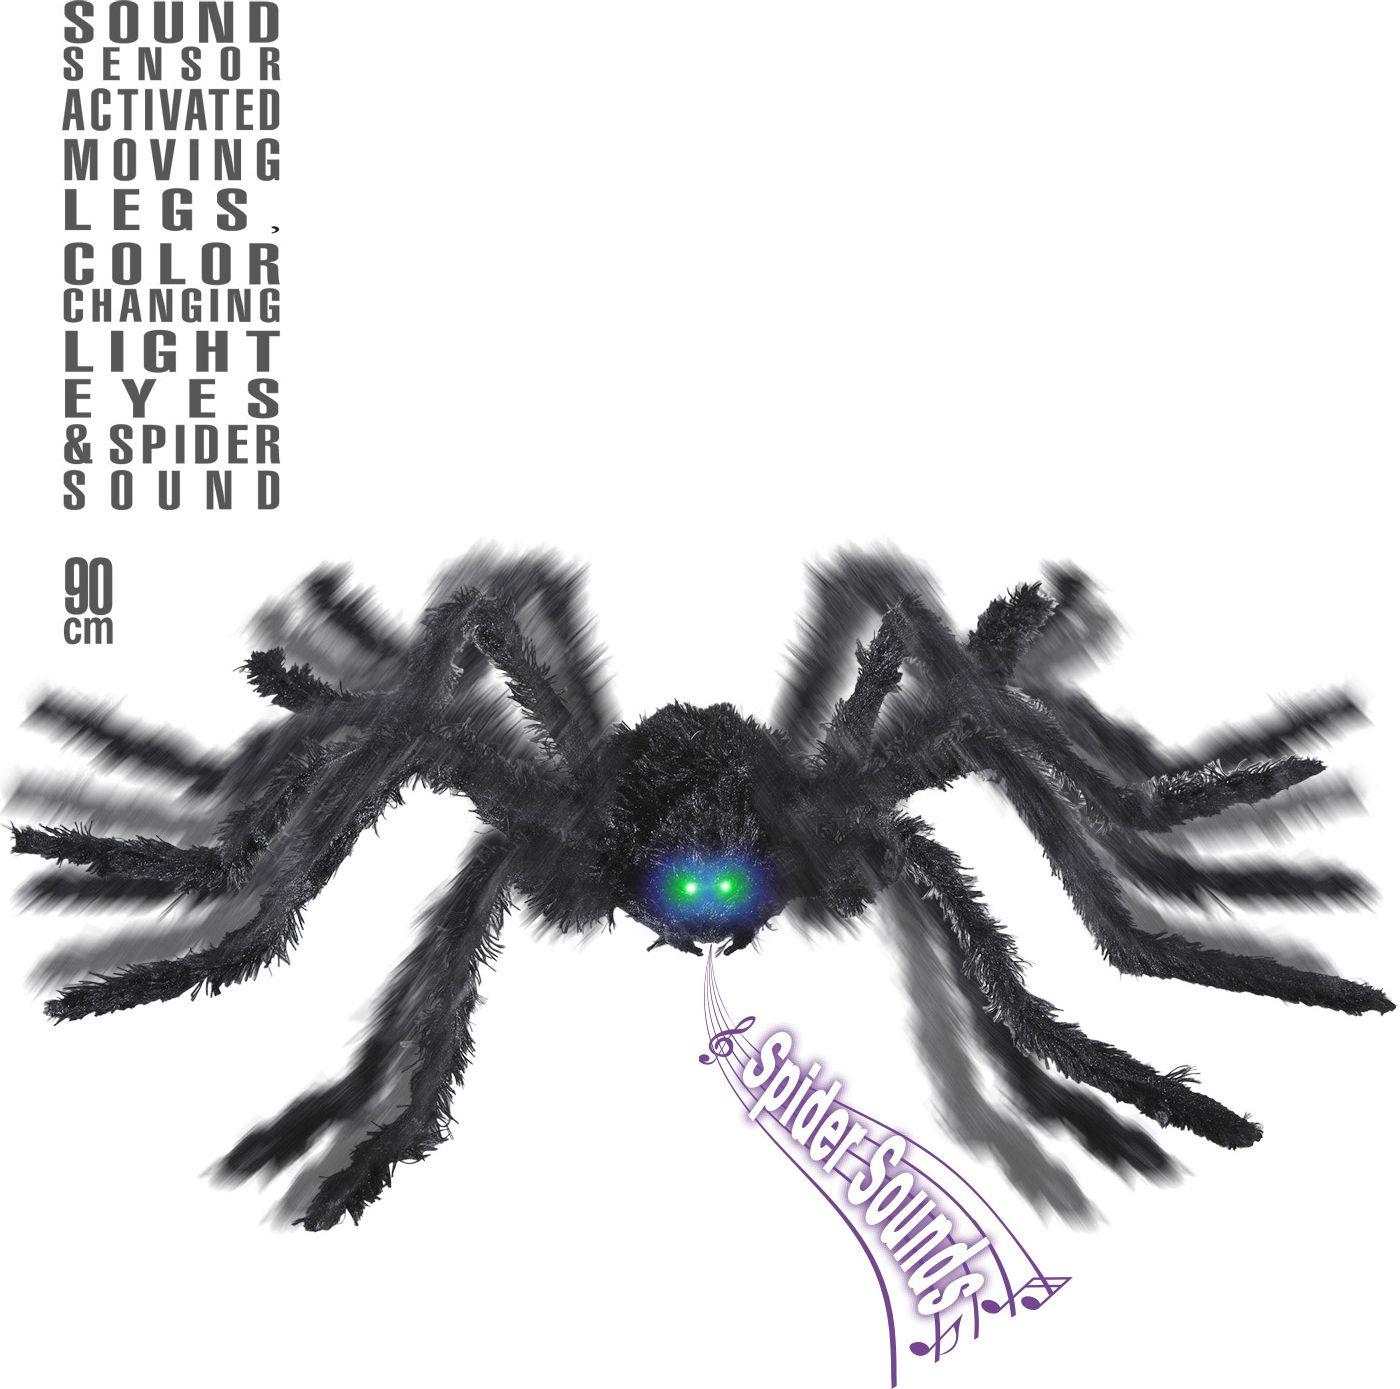 Bewegende spin met lichtgevende ogen en geluid